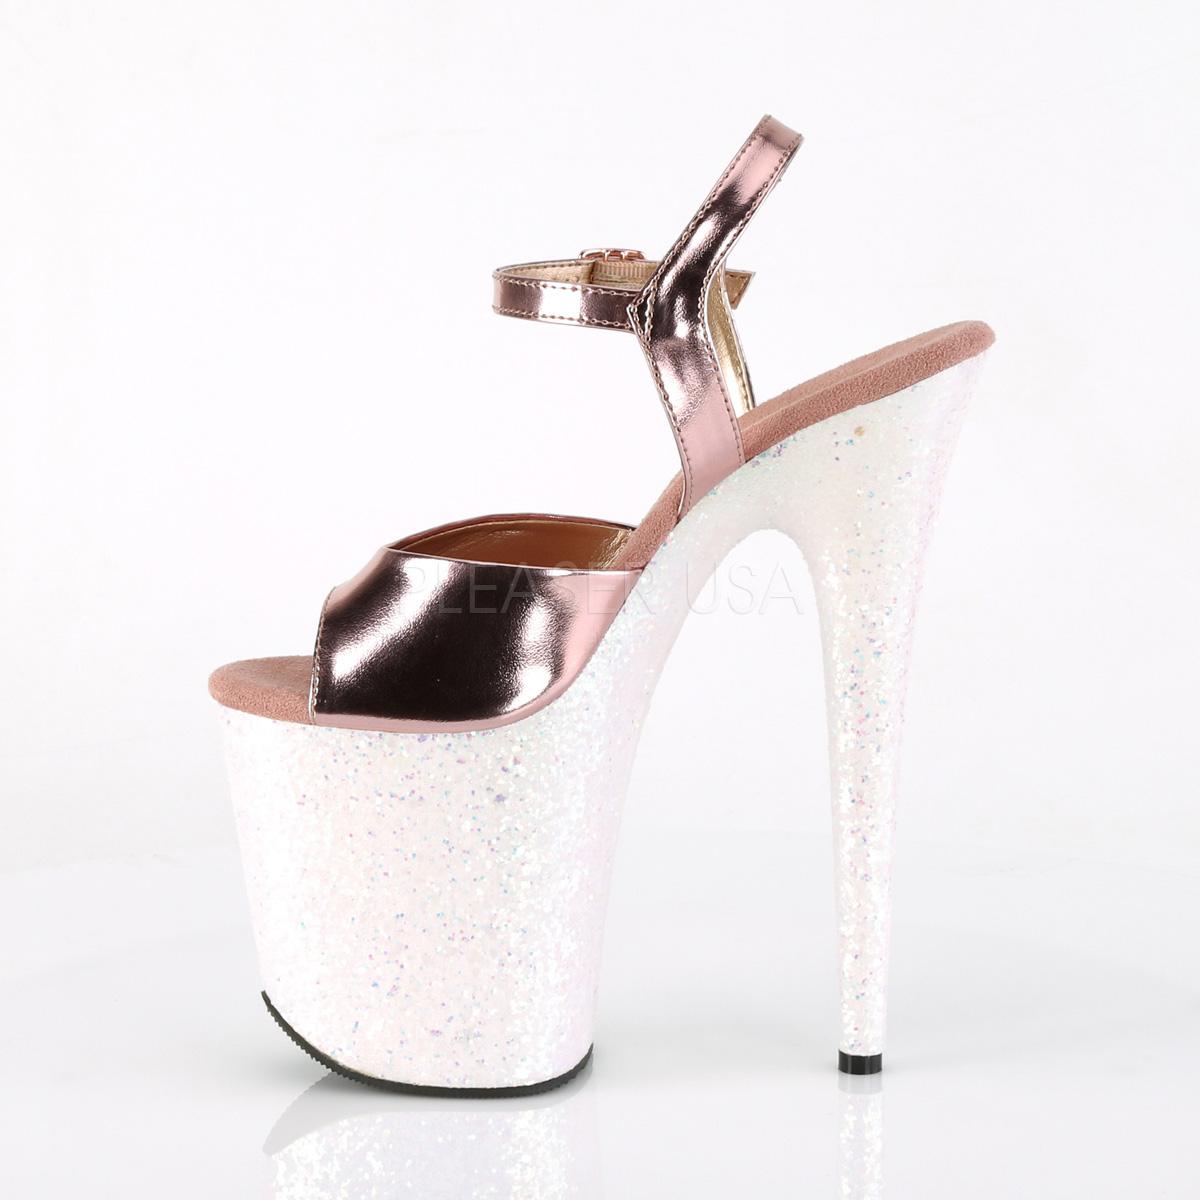 new arrival cf601 12274 Dorato scintillare 20 cm Pleaser FLAMINGO-809LG scarpe da cubista e  spogliarellista